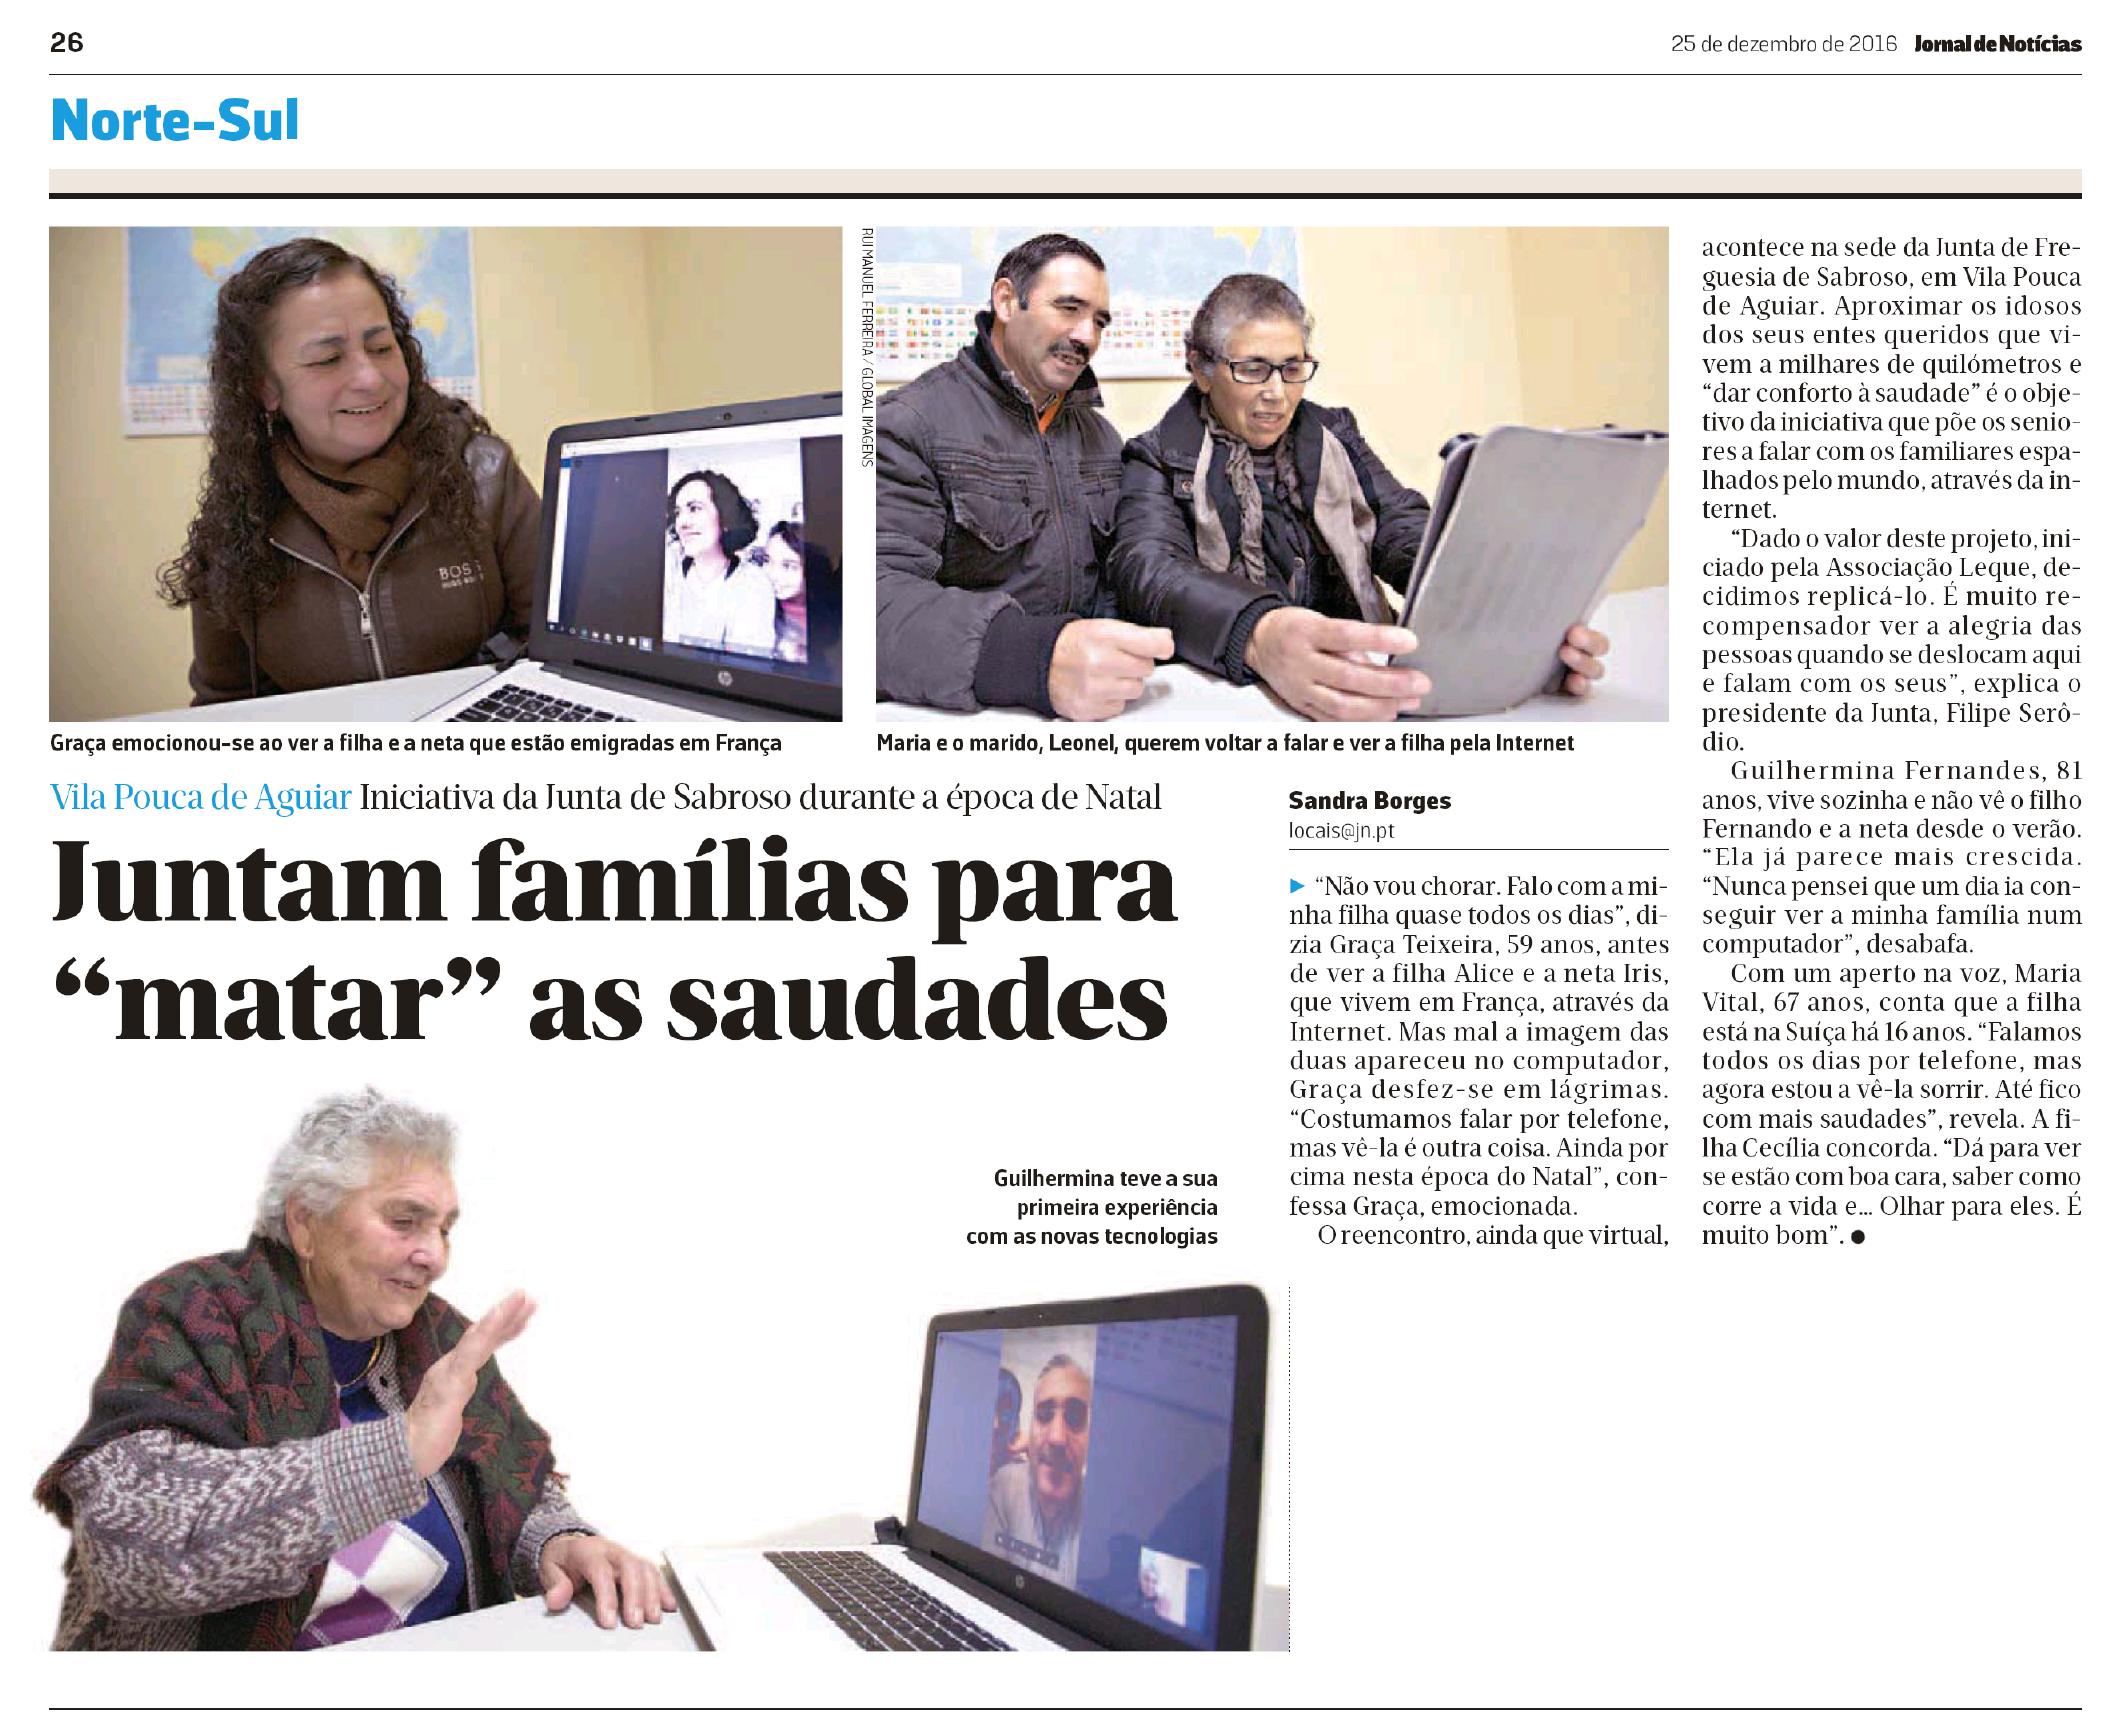 E-Paper Jornal de Notícias - Jornal de Notícias - 25 dez 2016